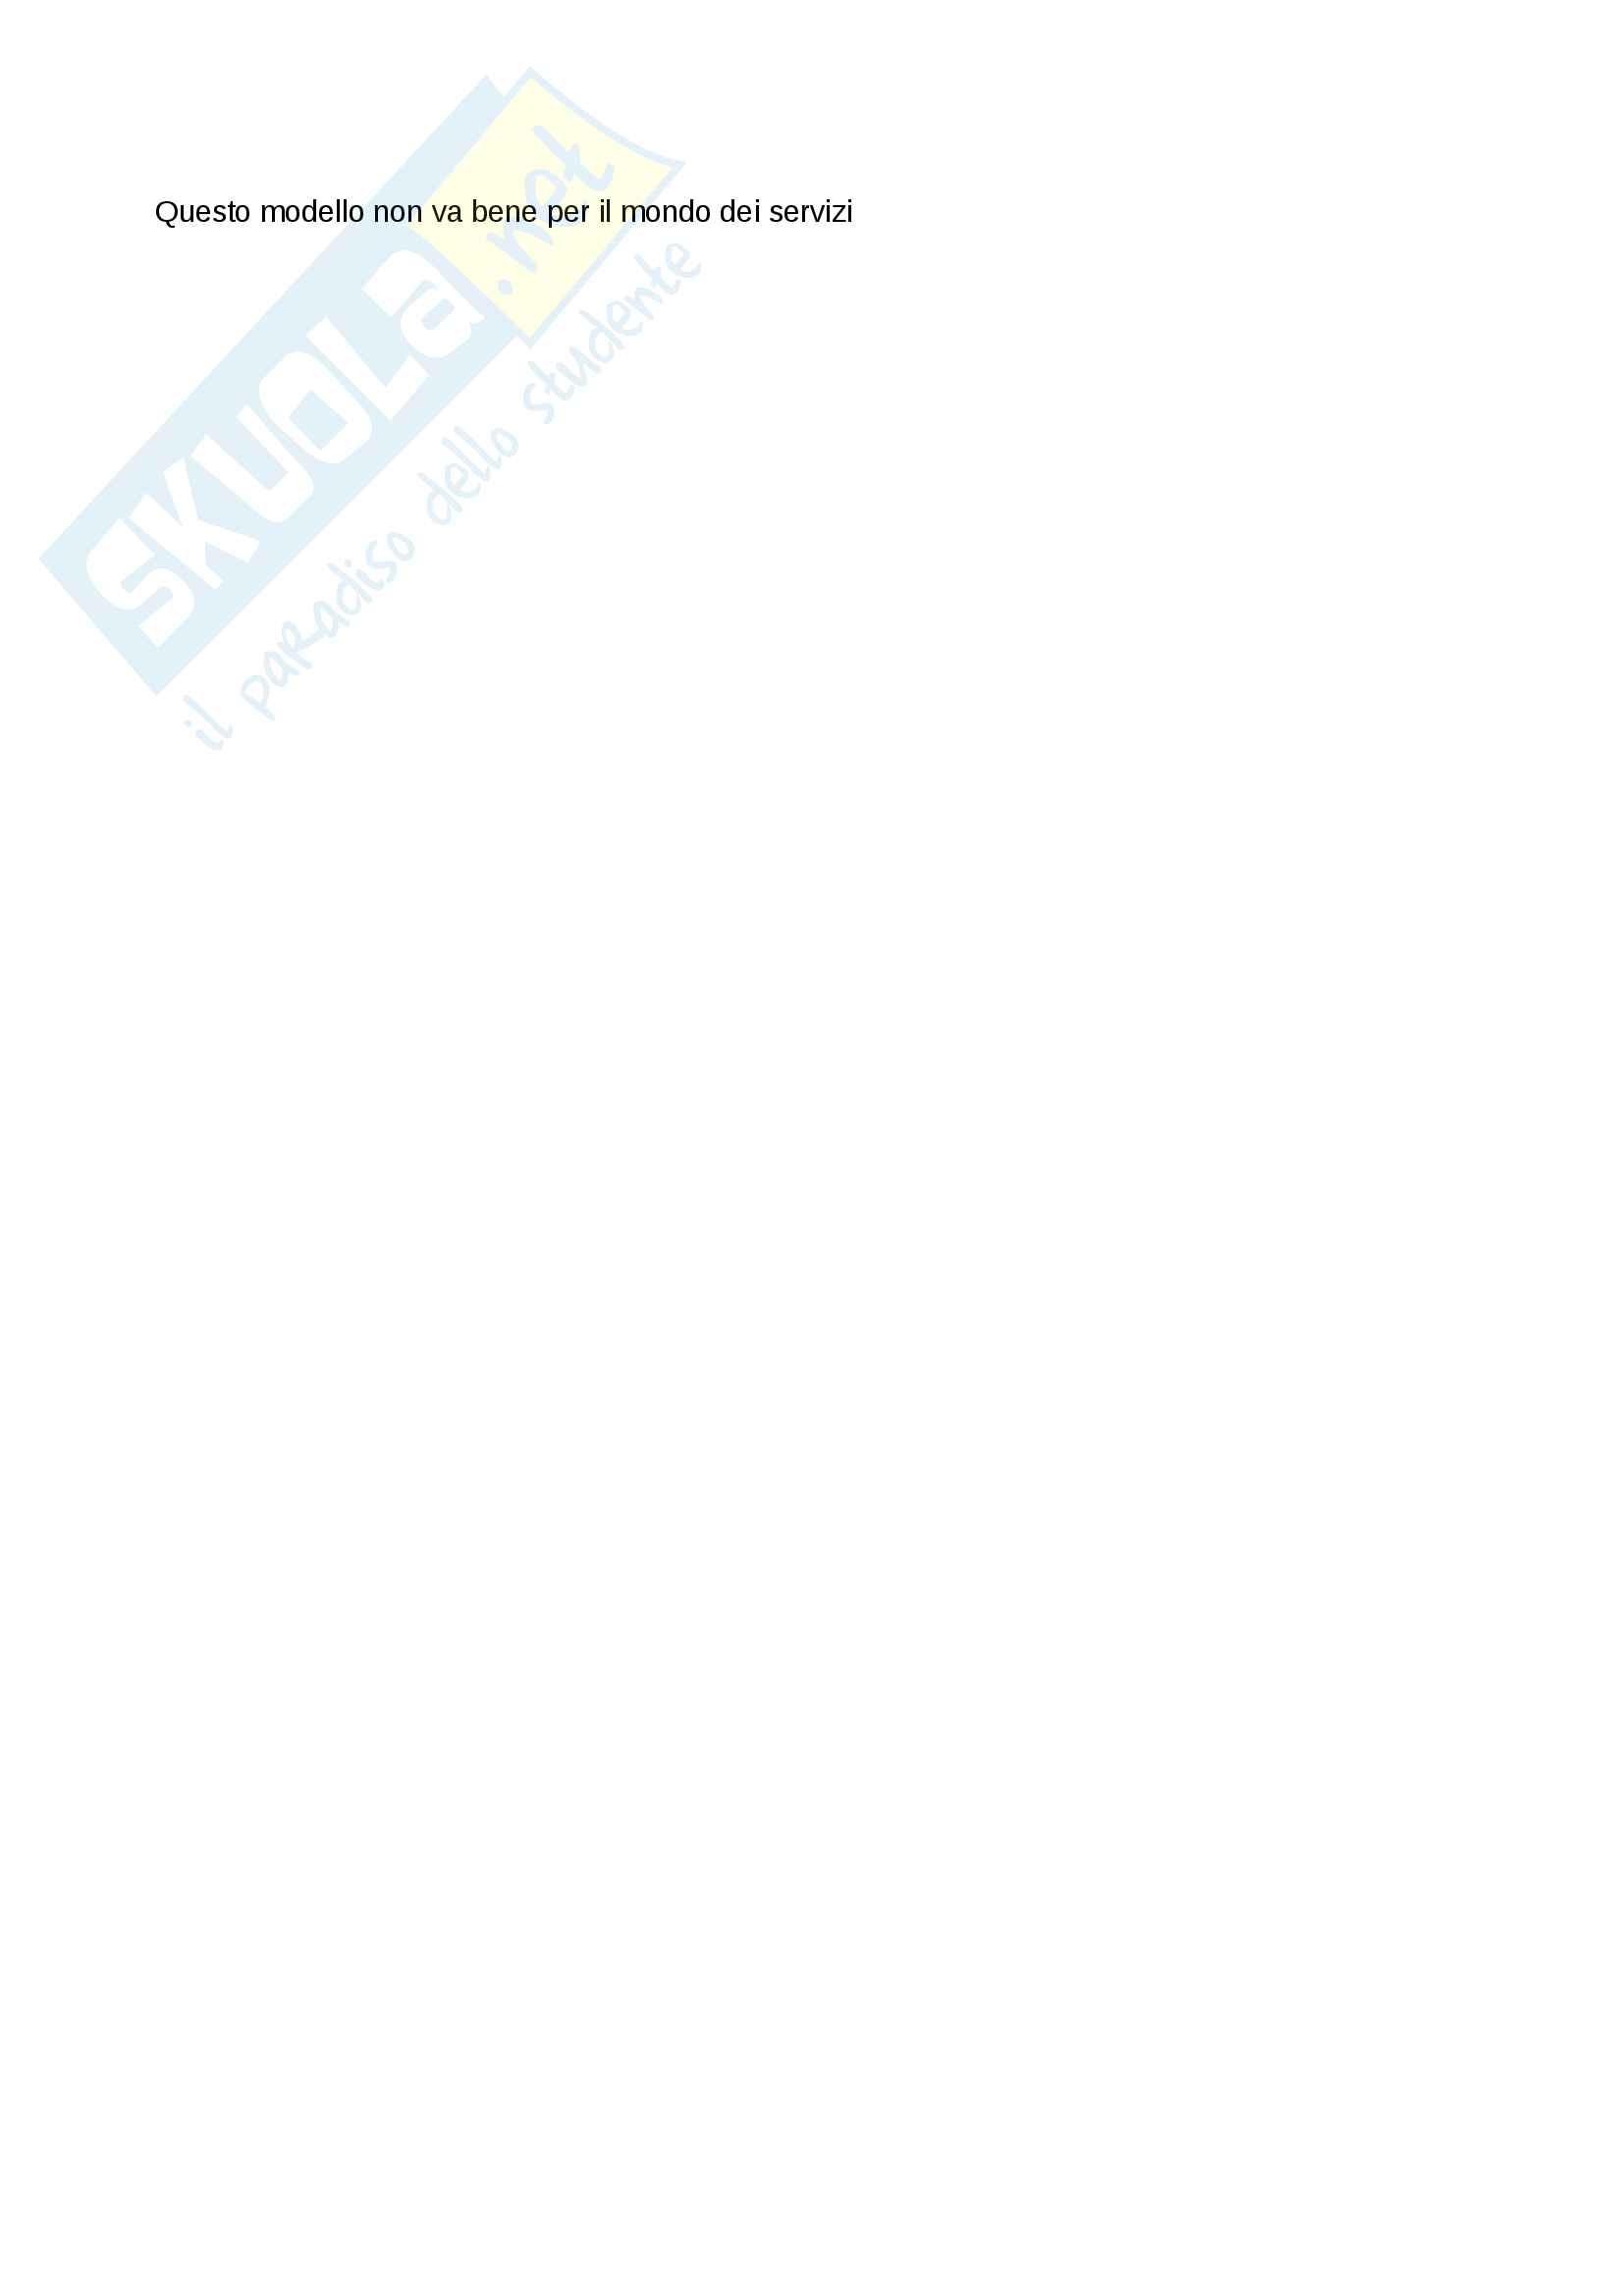 Riassunto di Gestione della Tecnologia, dell'Innovazione e delle Operations (GTIO) Pag. 6